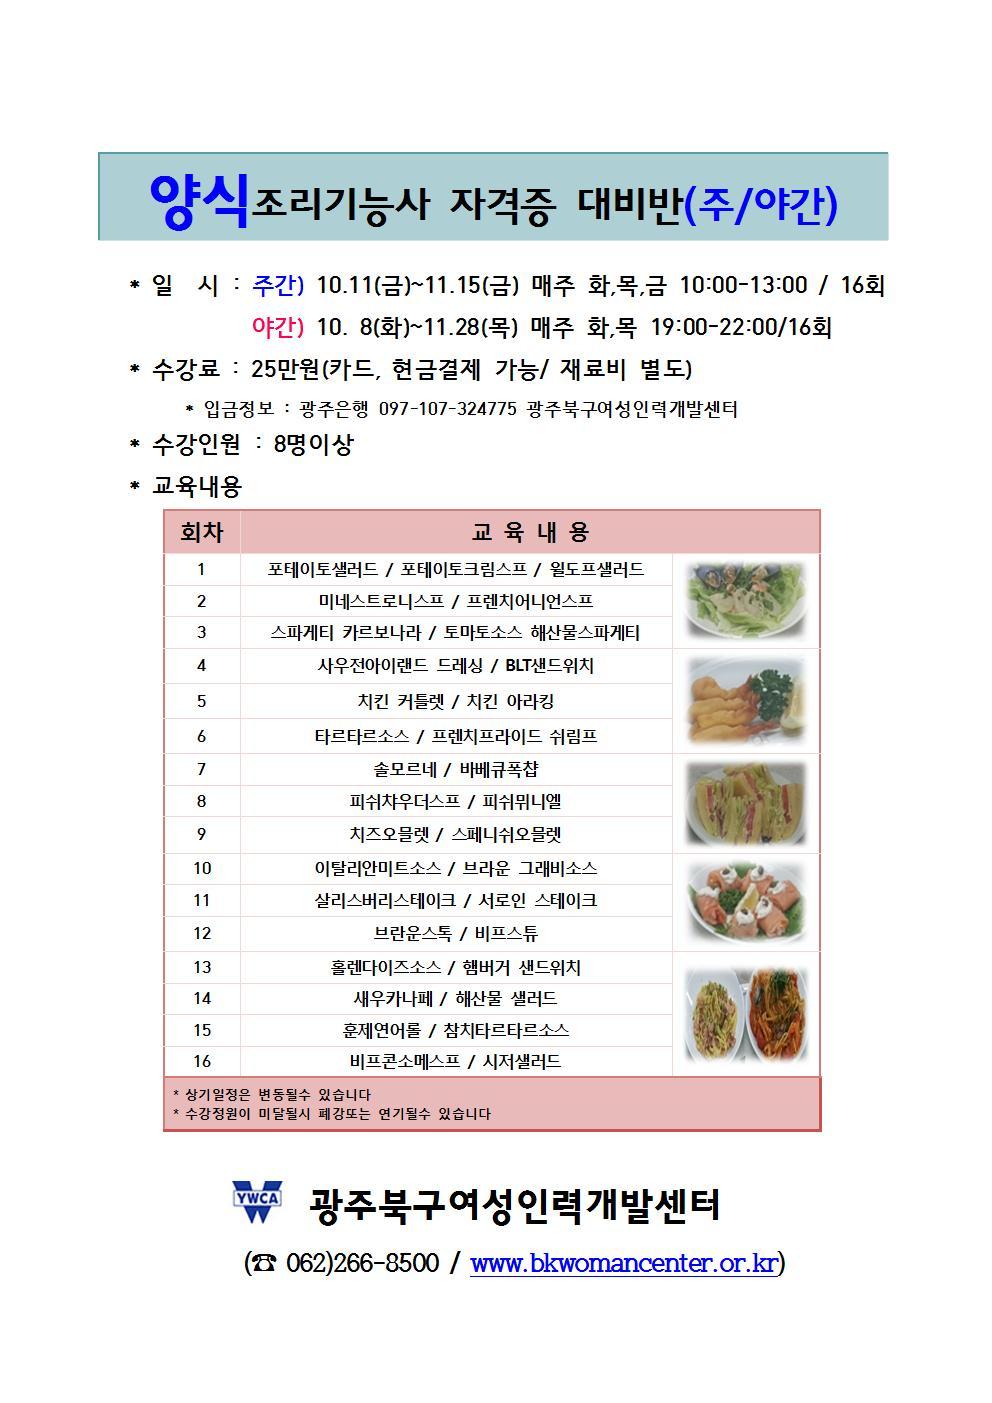 양식조리기능사 자격증대비반(주간